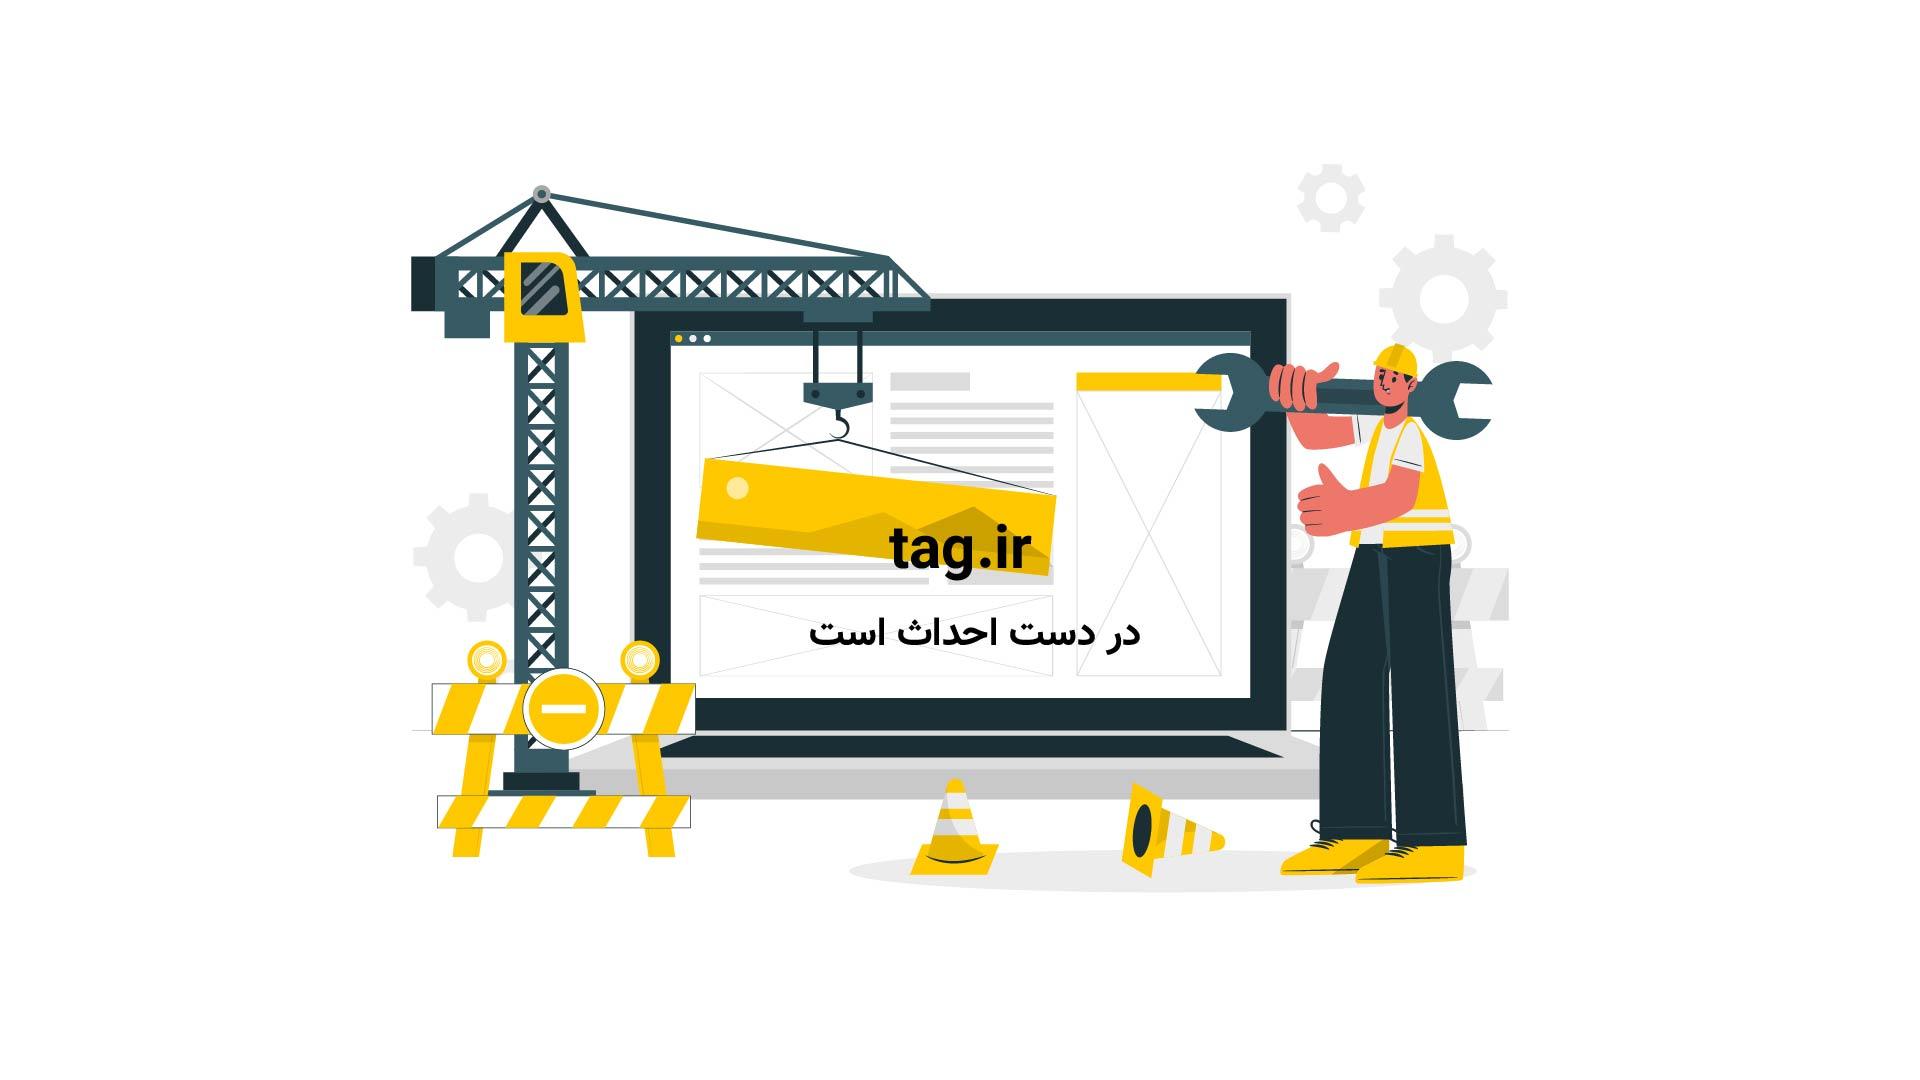 حرکات ورزشی مناسب برای گرم کردن بدن قبل از ورزش | فیلم